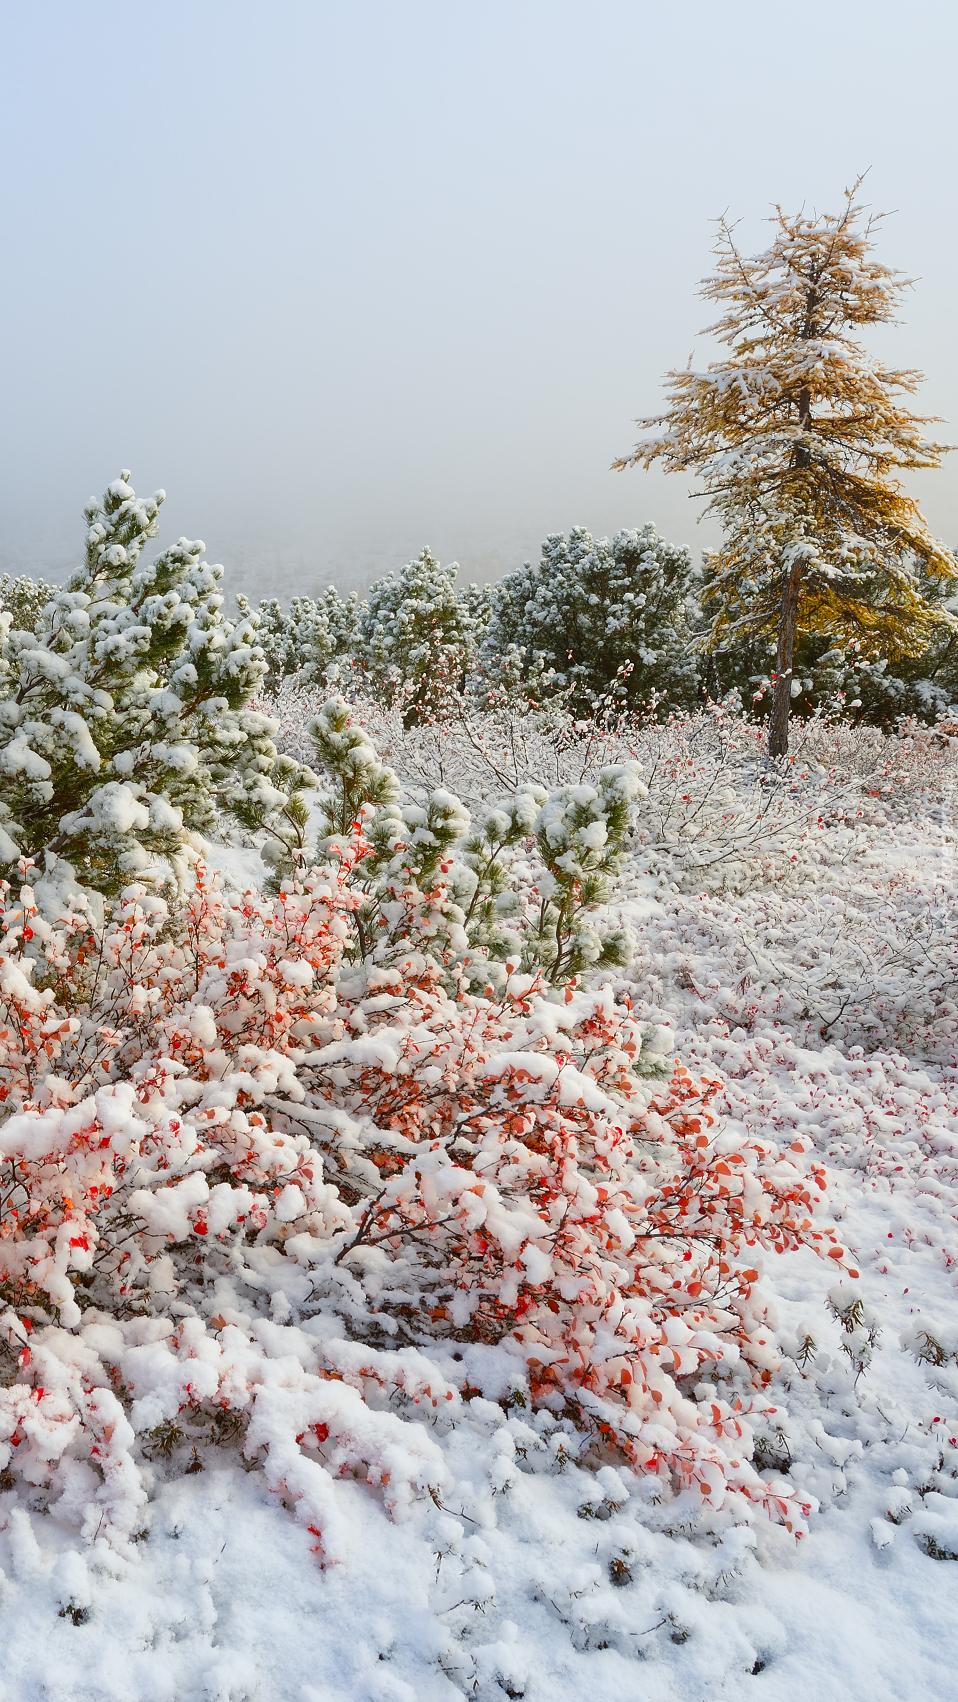 Ośnieżone krzewy w śniegu